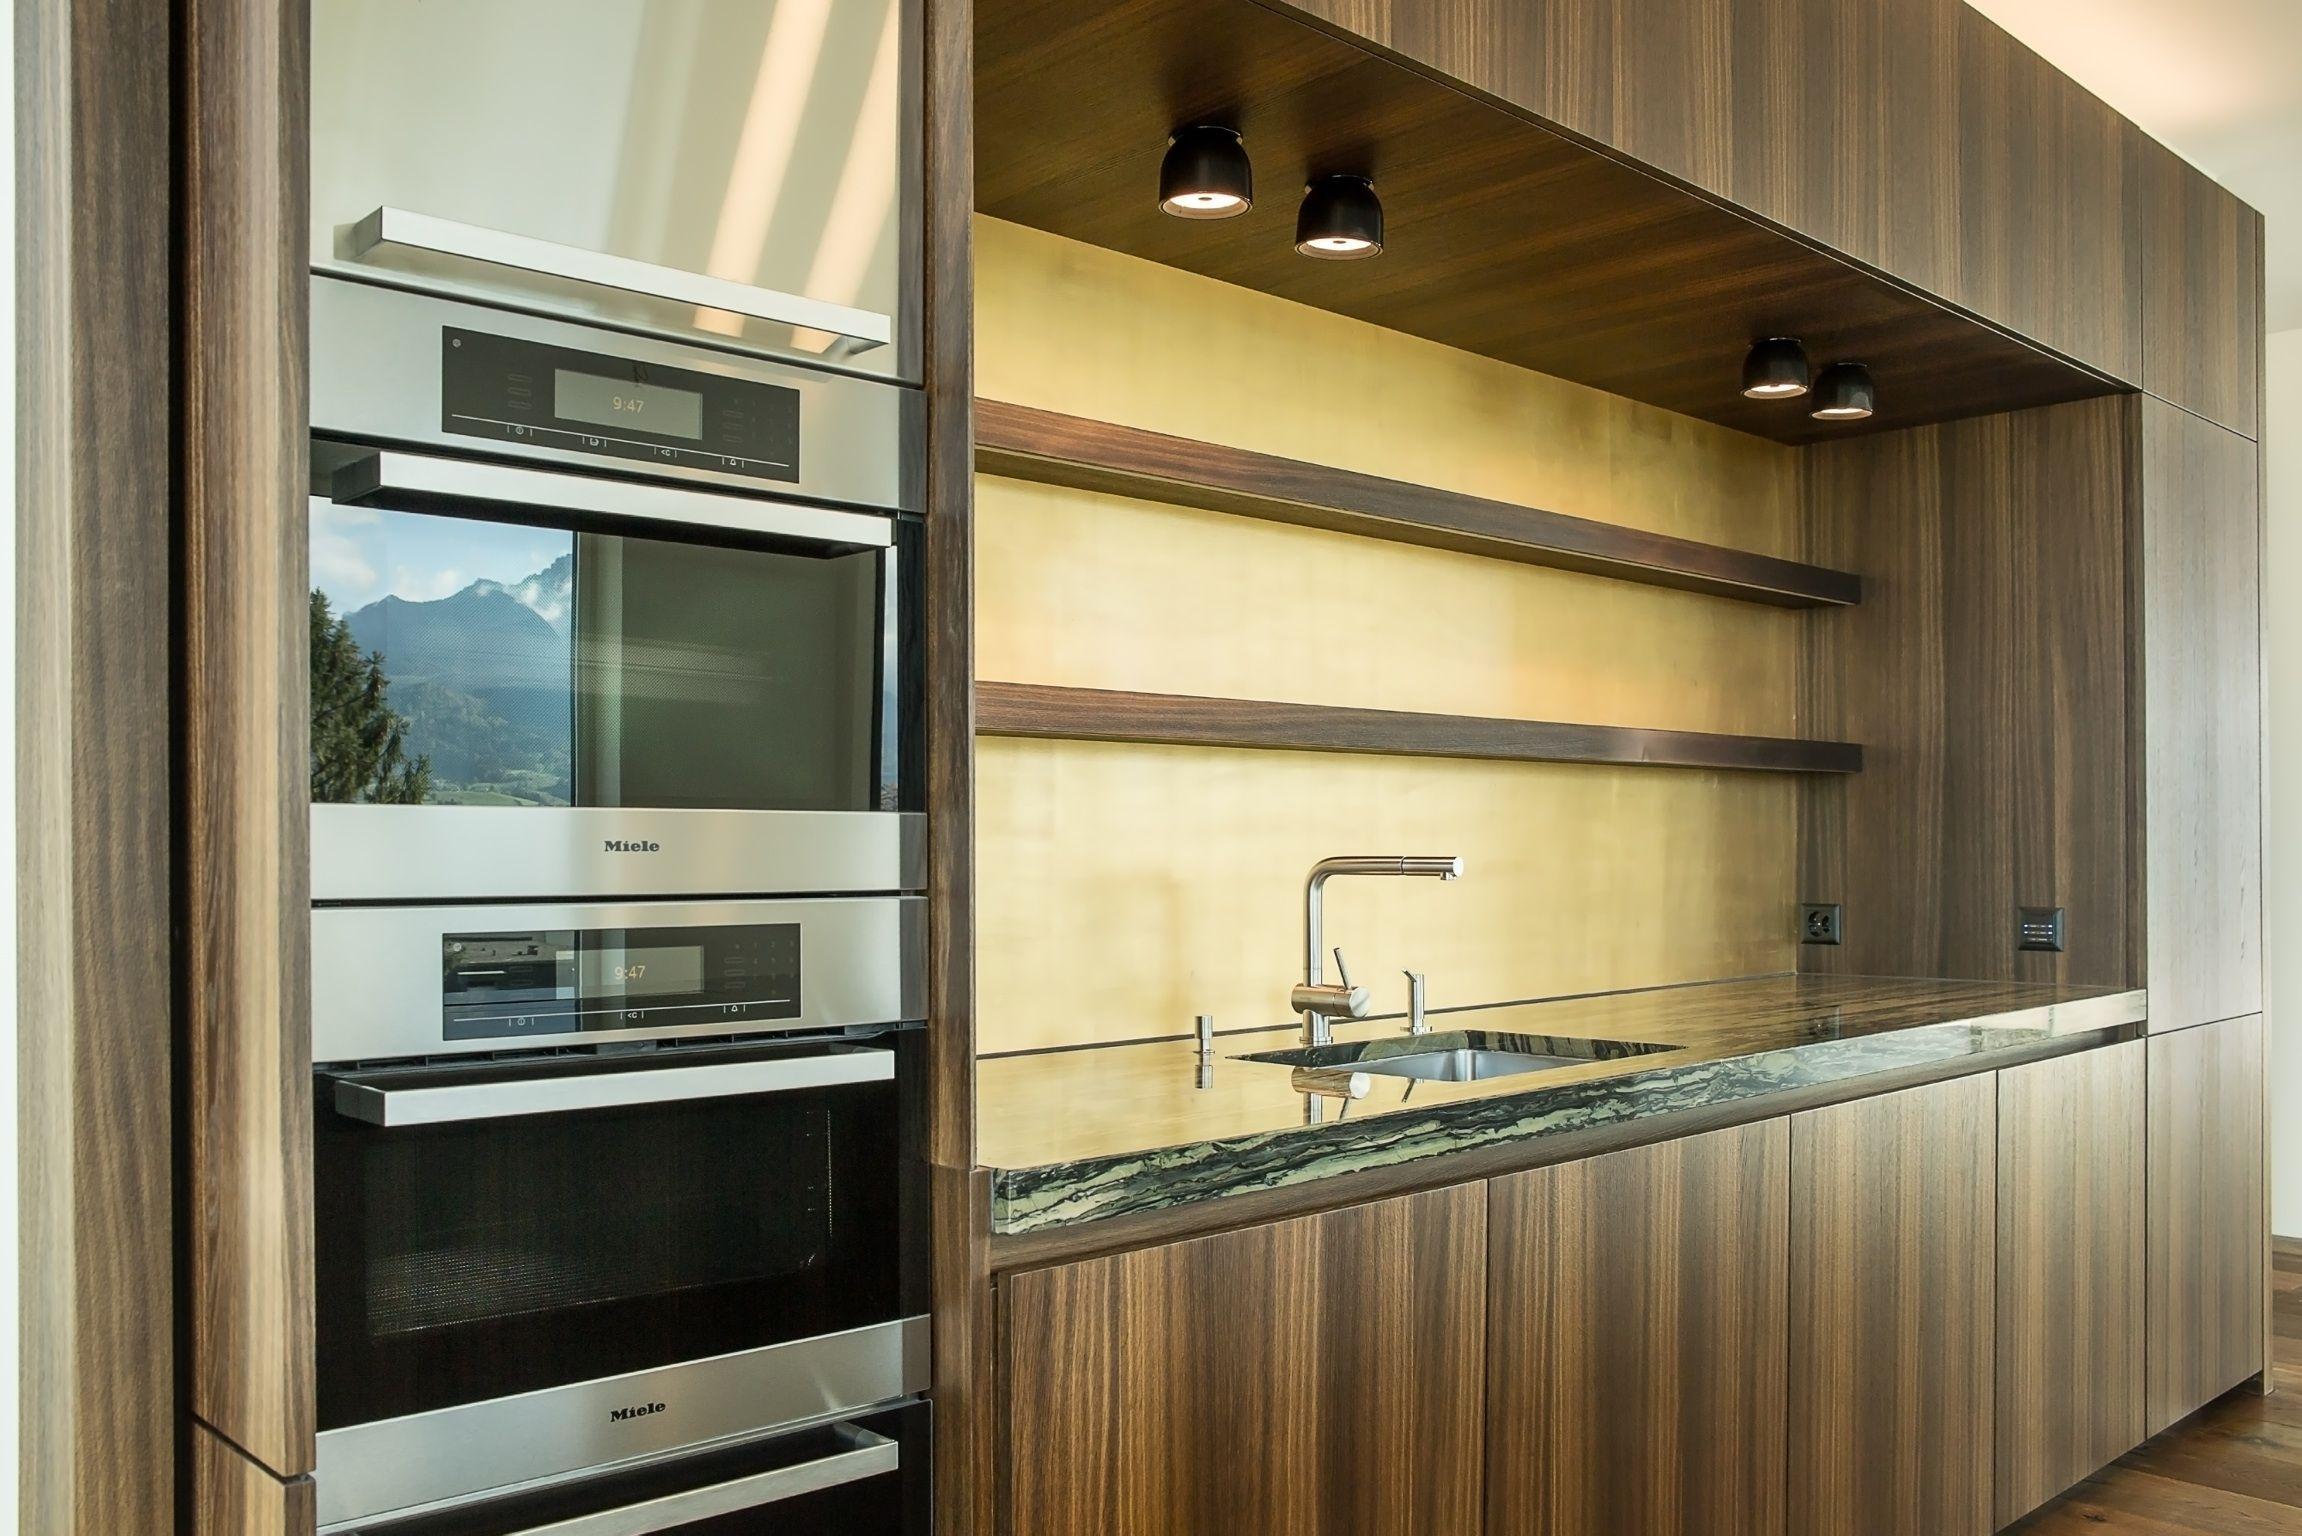 Küche mit Granit-Abdeckung, Fronten in Eiche geräuchert, Rückwand ... | {Küche granit 24}